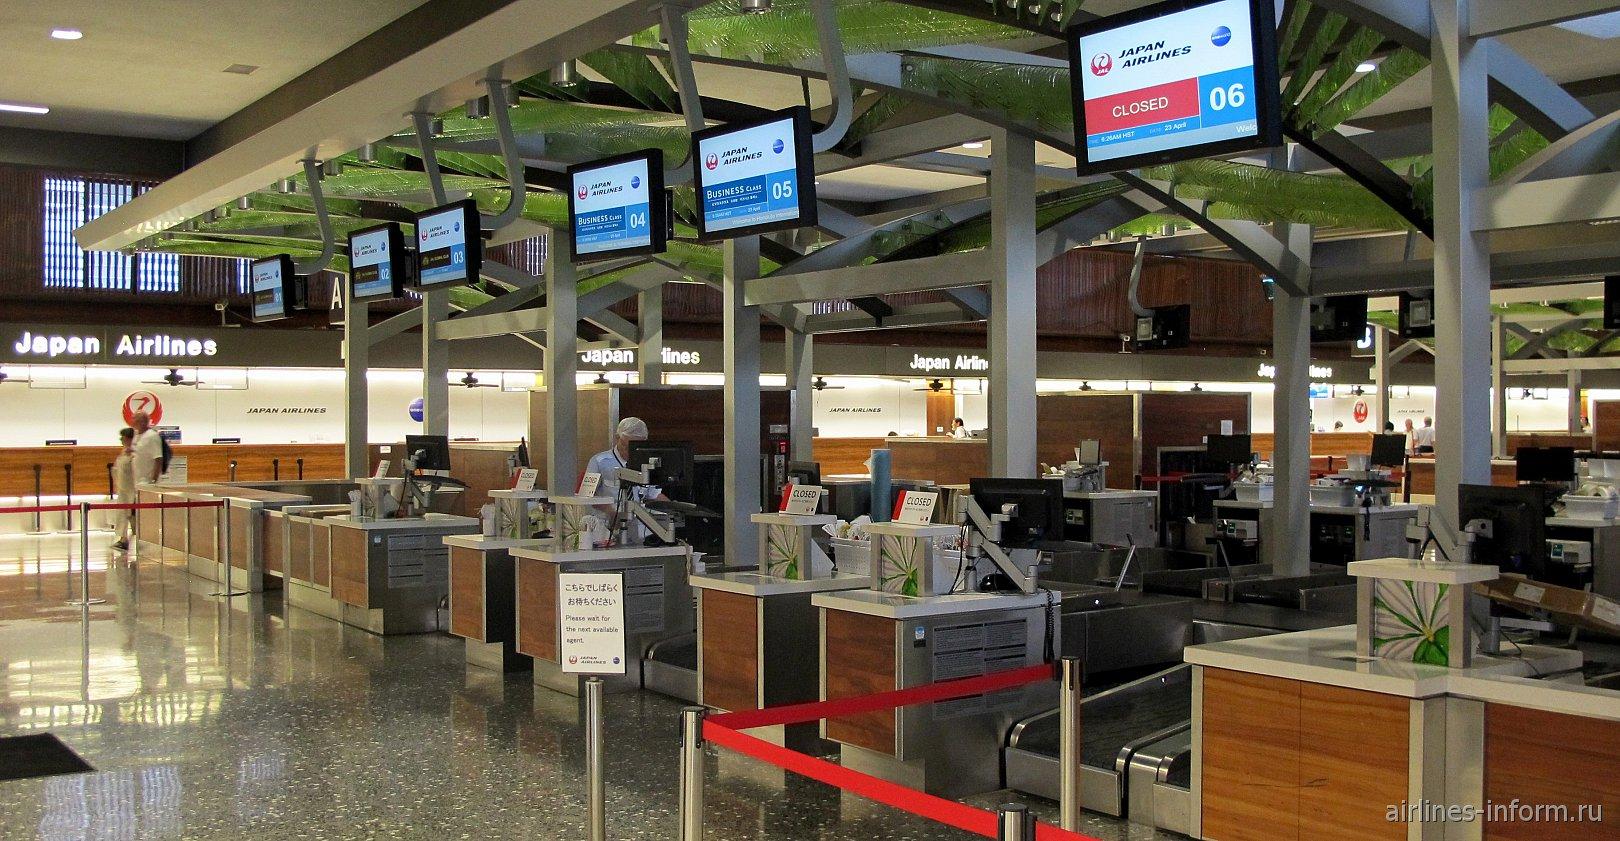 Зона регистрации бизнес-класса Японских авиалиний в аэропорту Гонолулу